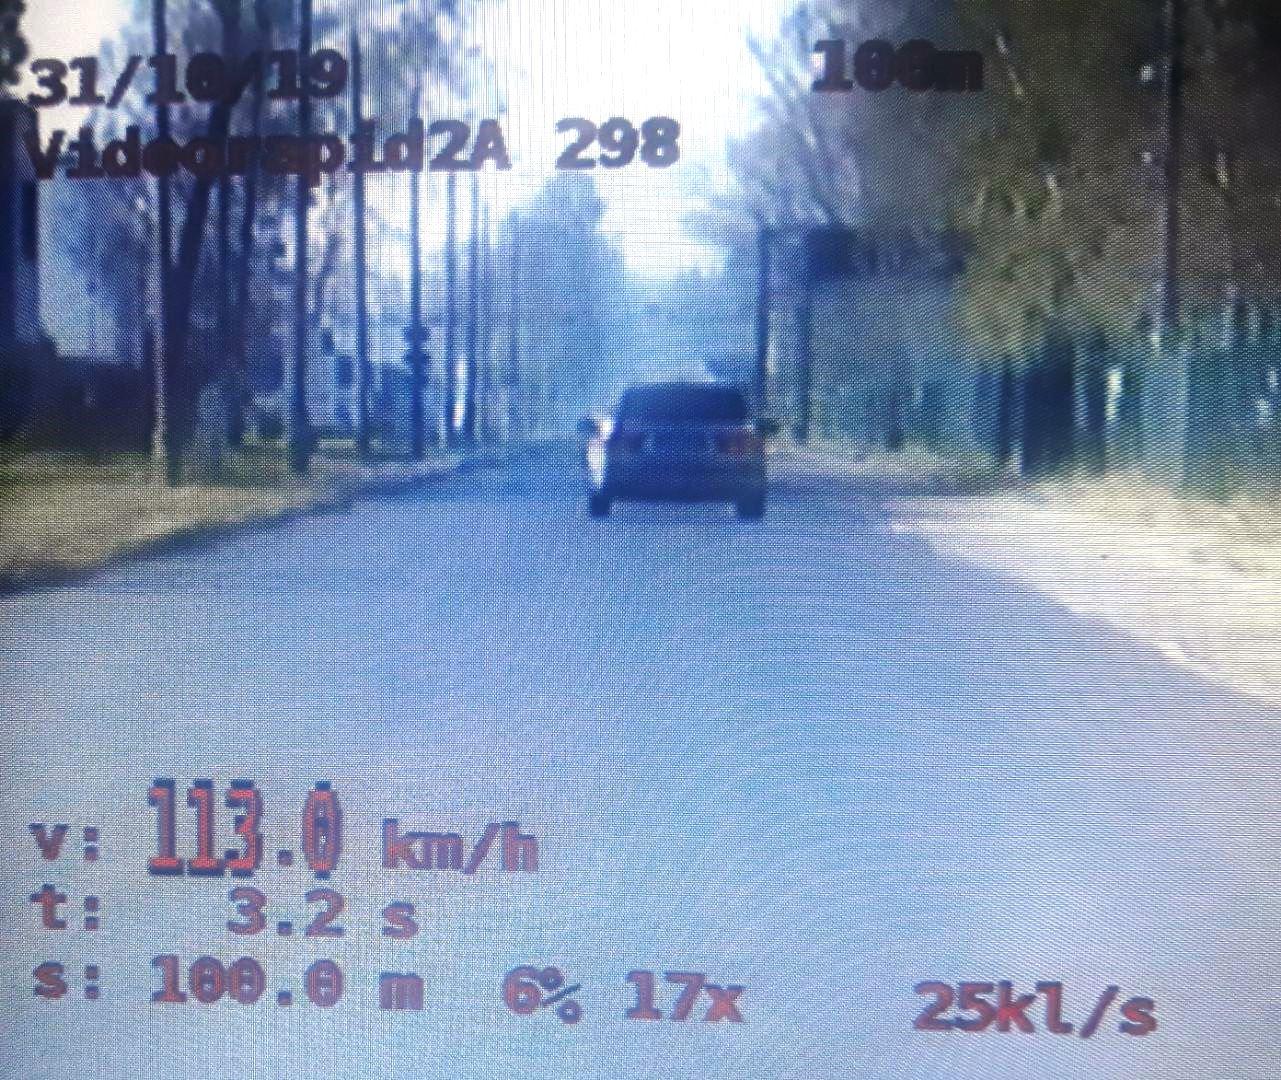 KPP Oświęcim przekroczenie prędkość